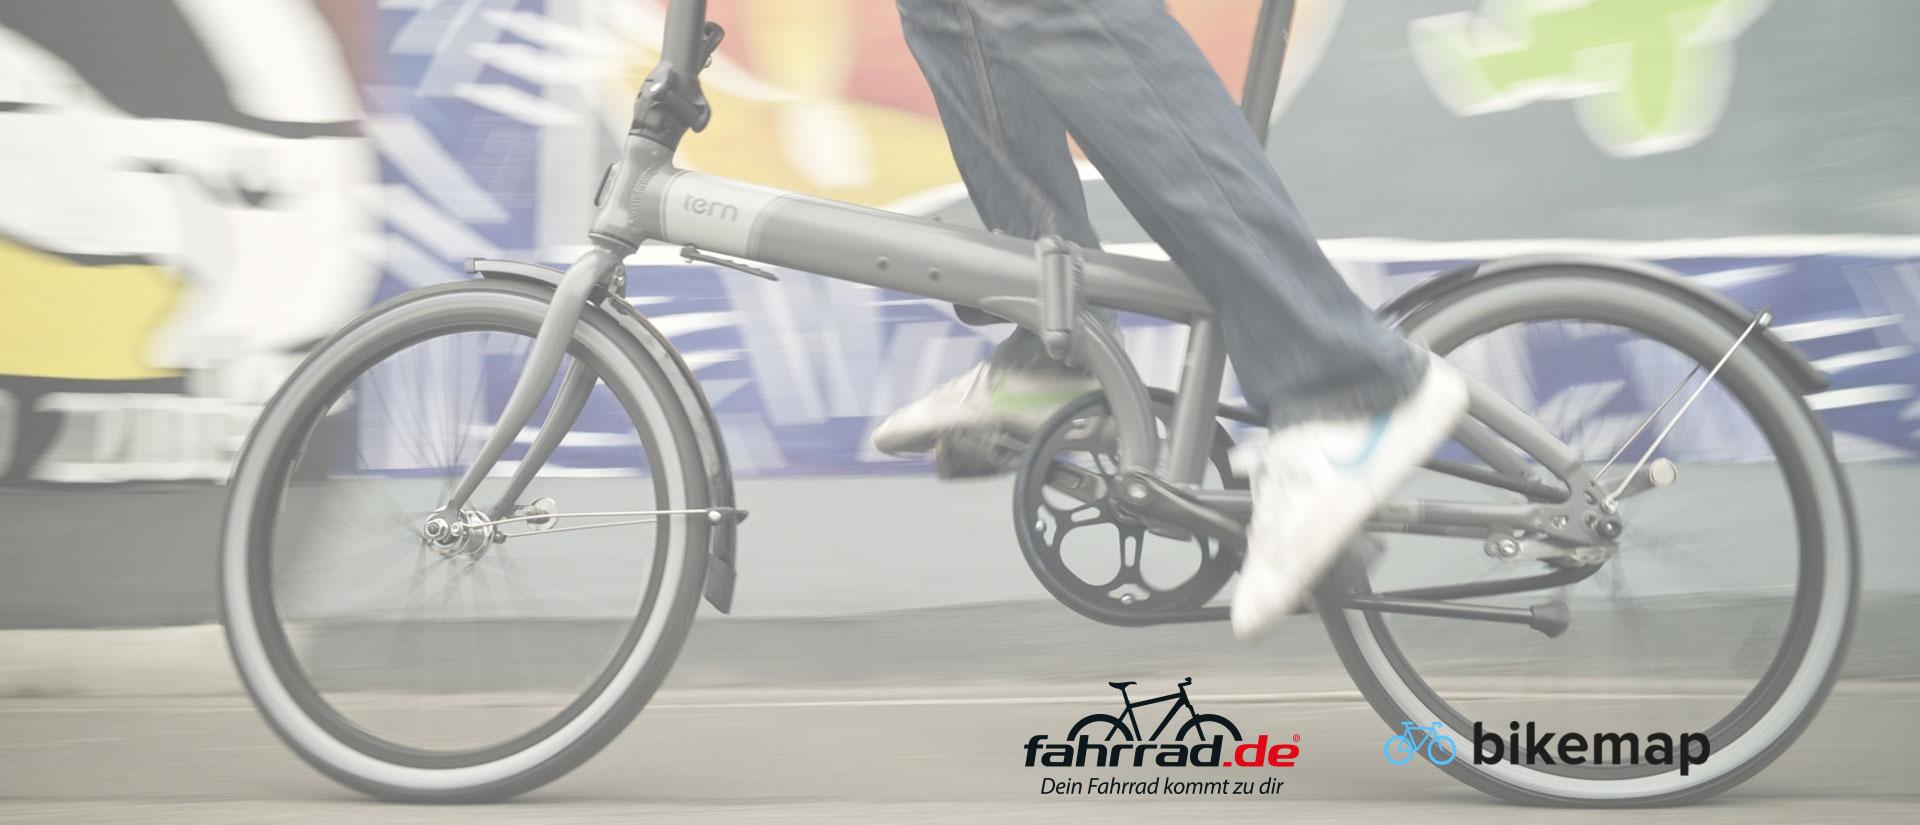 Top Fahrrad-Blogs der Kategorie Spezialthemen